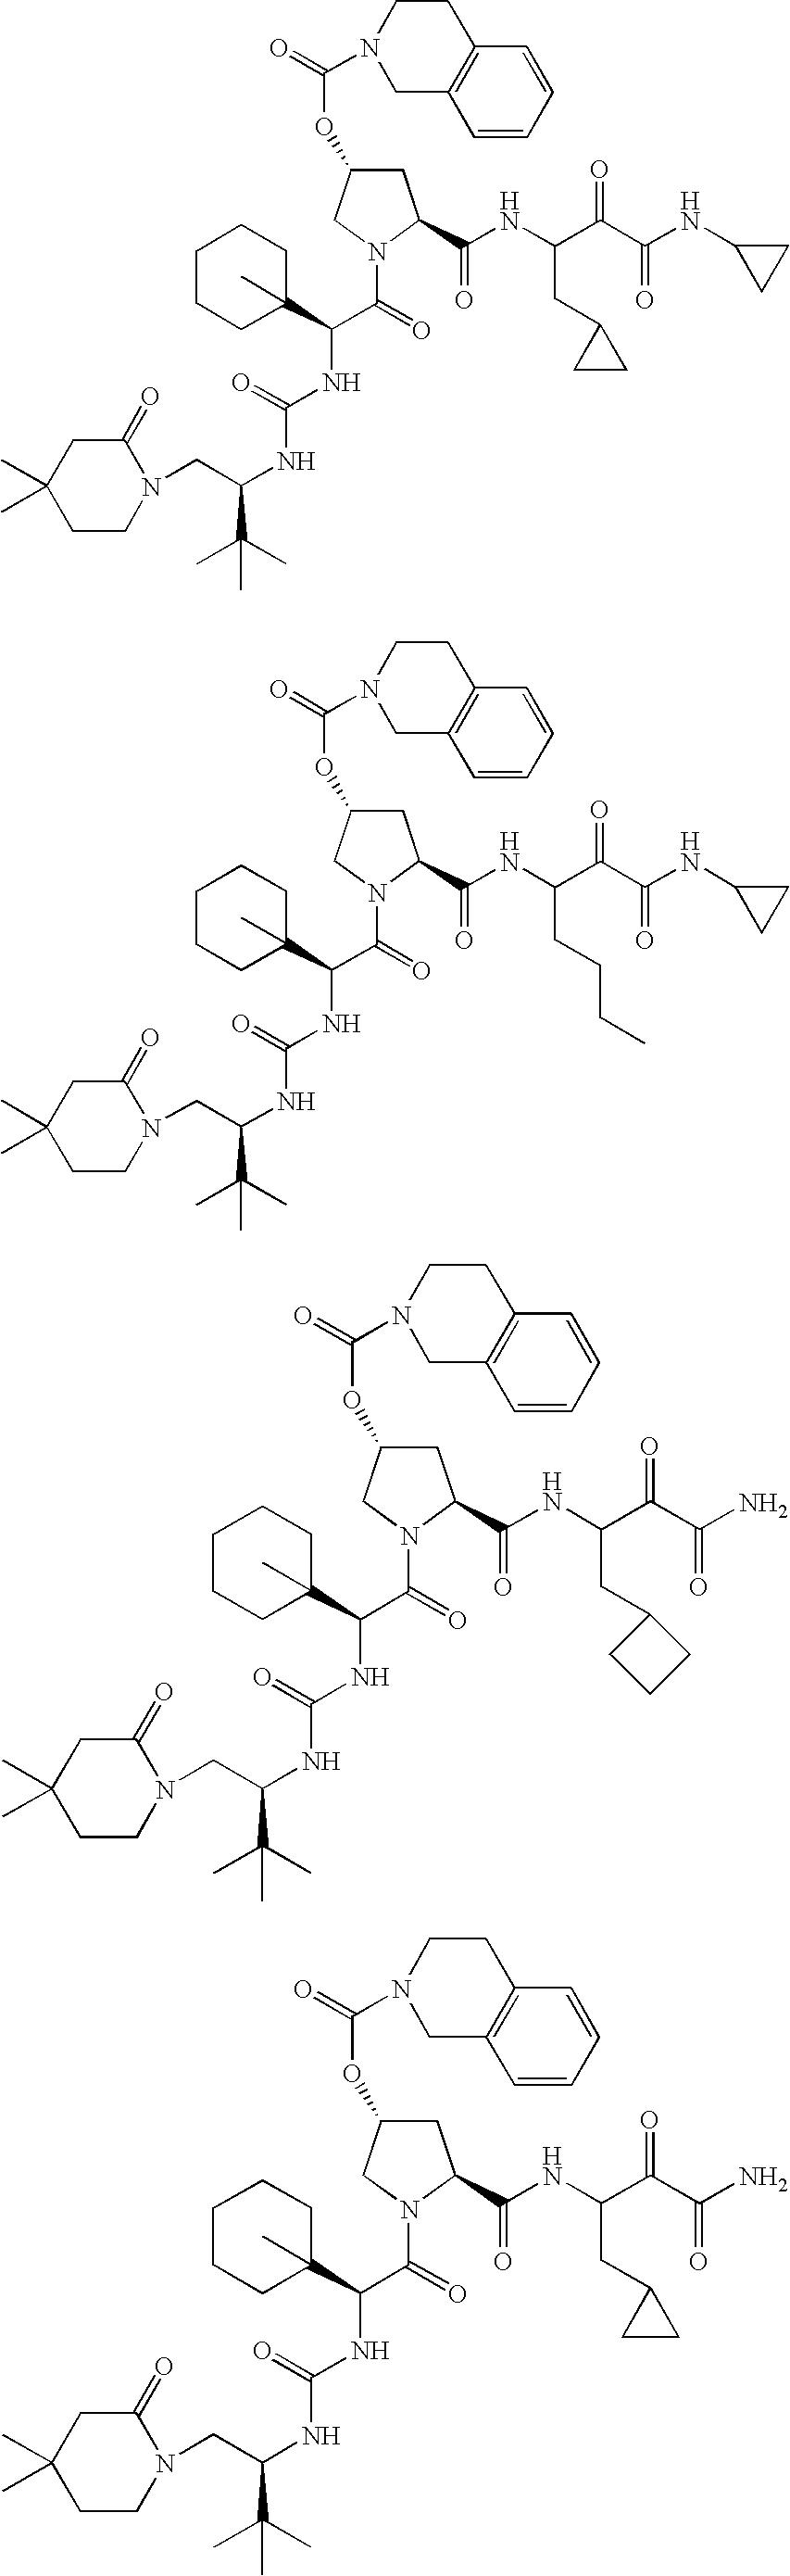 Figure US20060287248A1-20061221-C00570